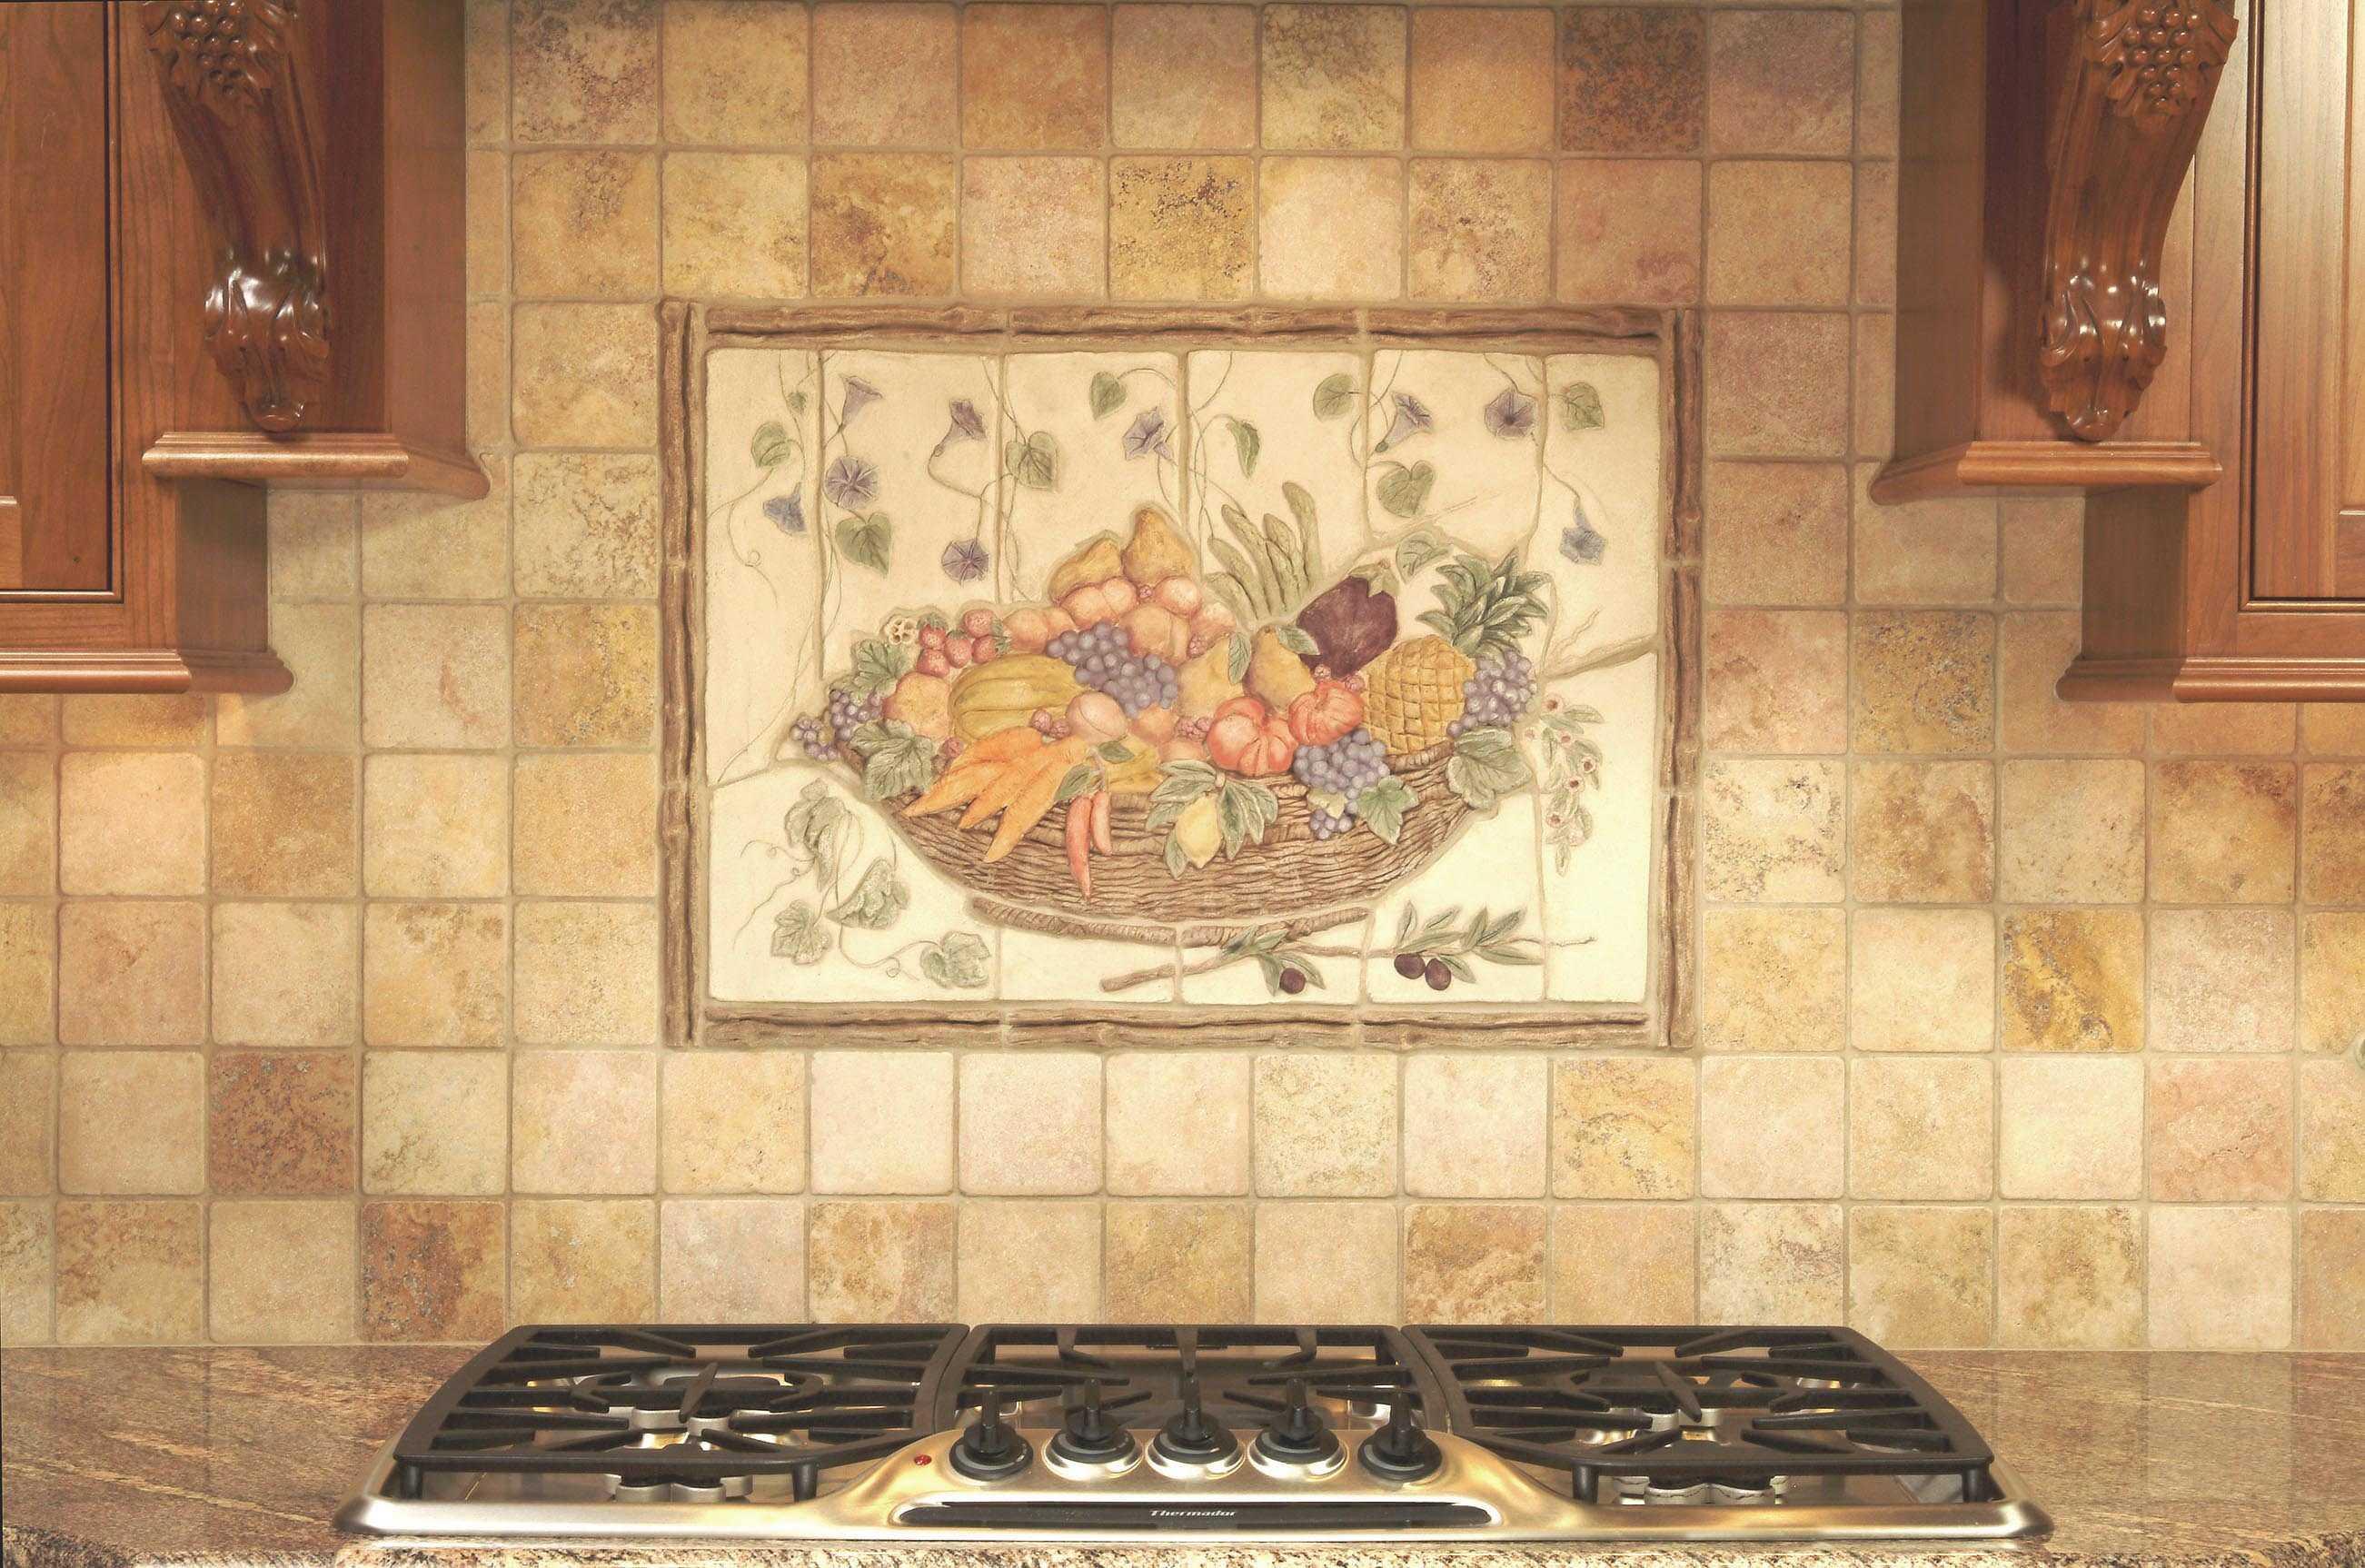 Плитка для кухни: 110 фото лучших идей дизайна и нюансы оформления кухни